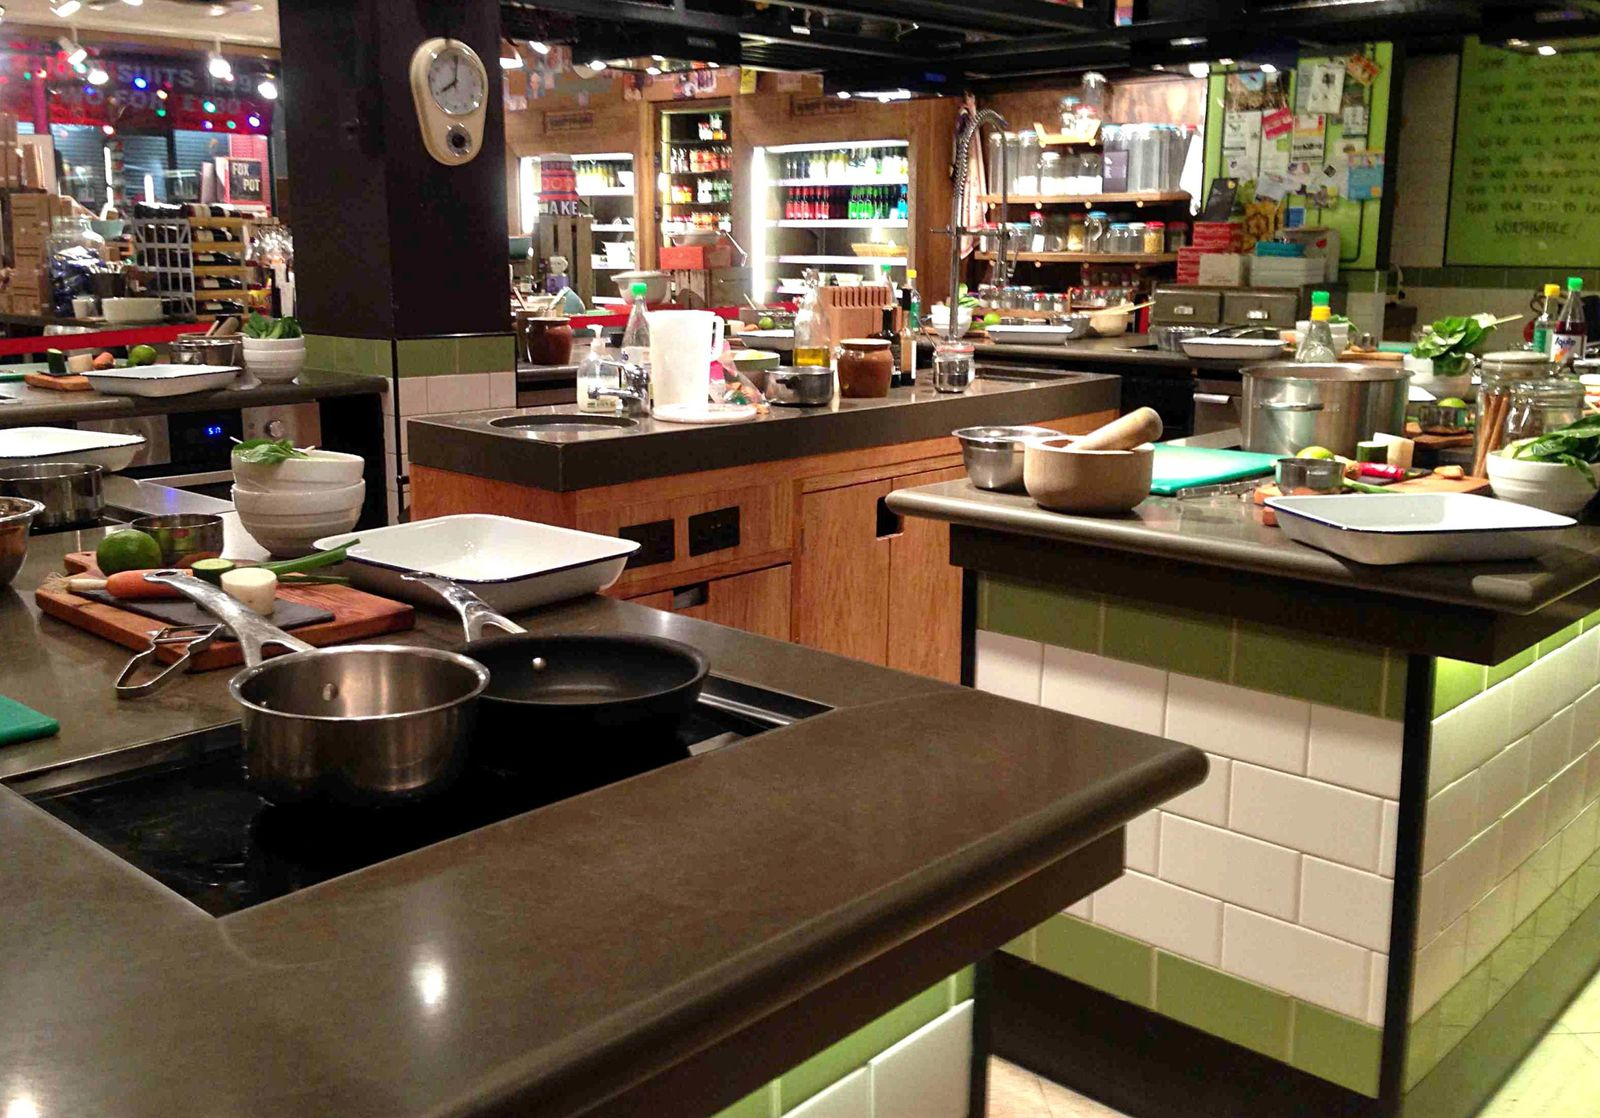 Petit cours chez jamie oliver blogs de cuisine - Cuisine jamie oliver ...